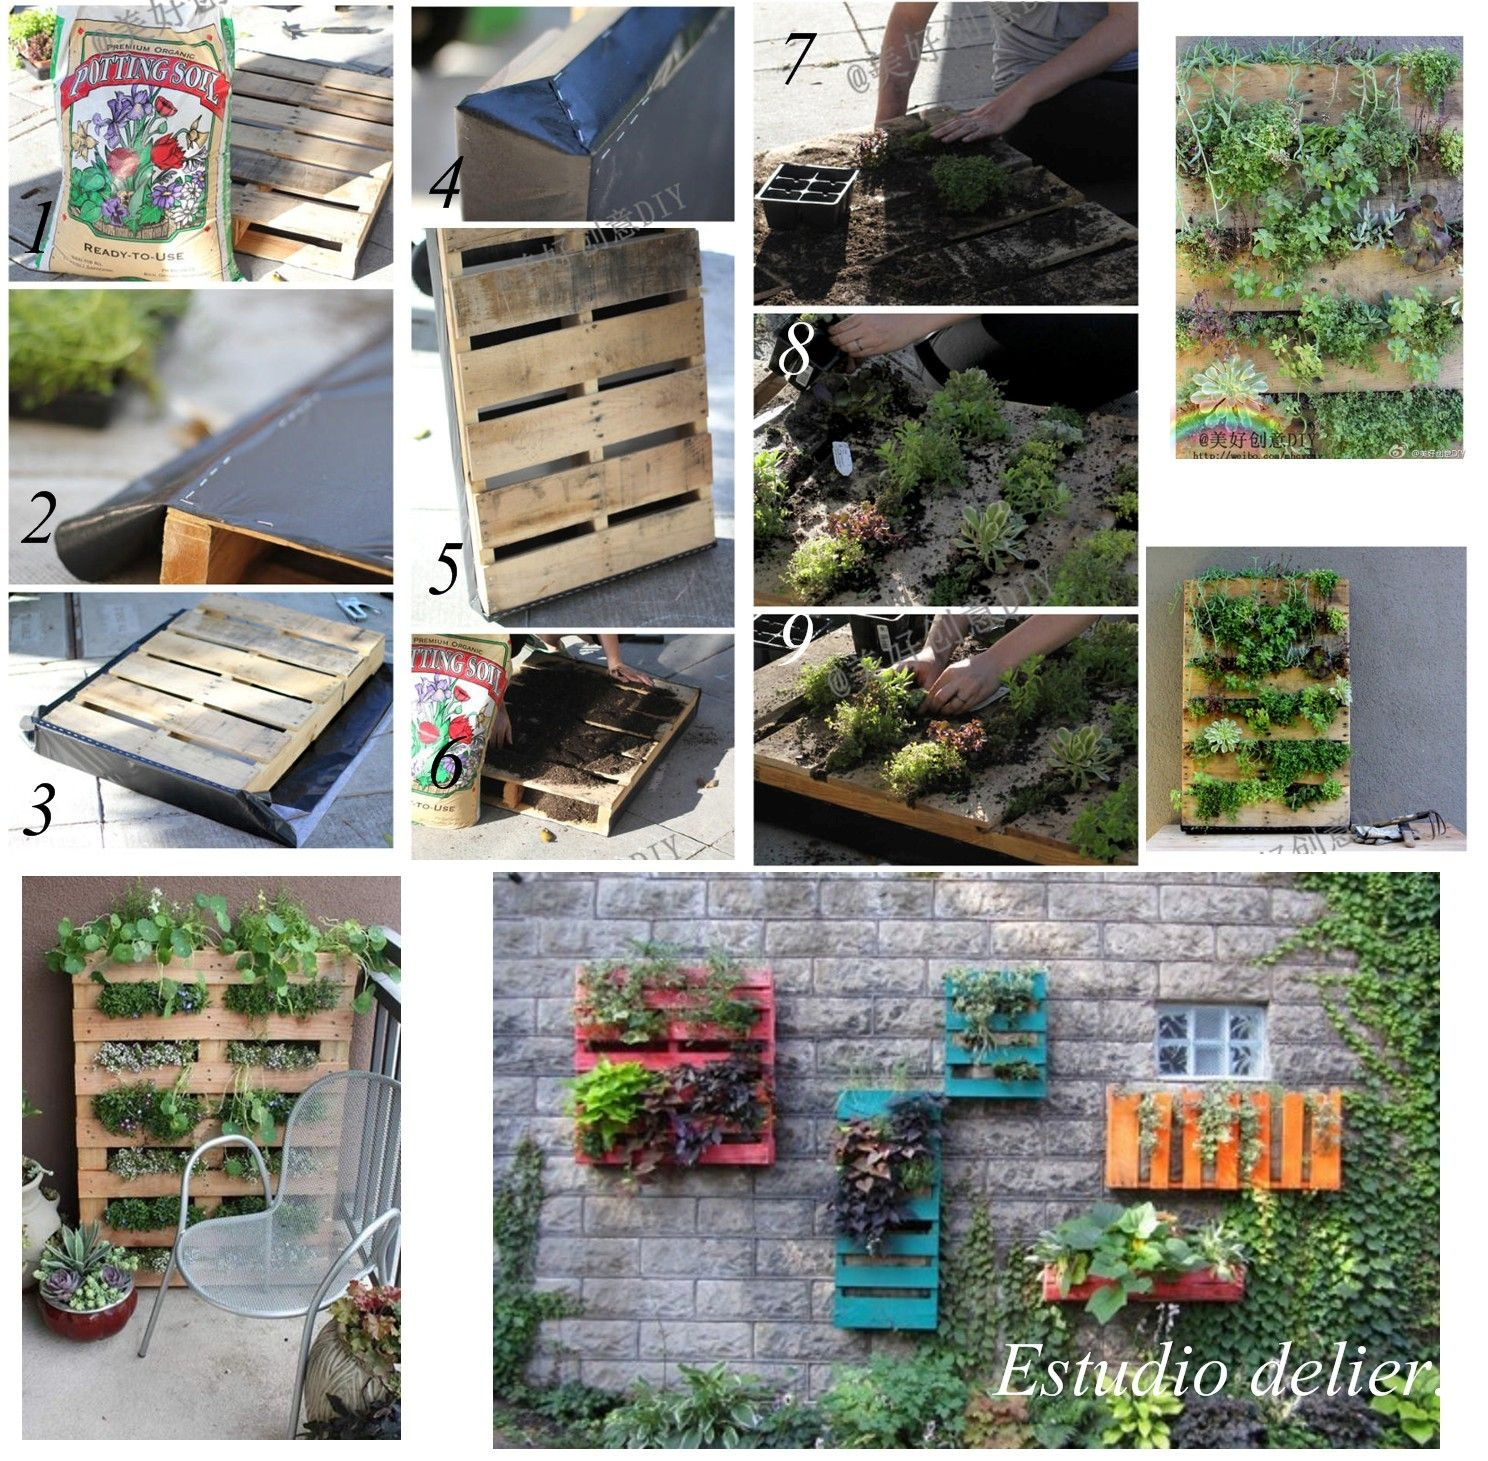 Hacer un jard n vertical con palets decoracion - Palets decoracion jardin ...